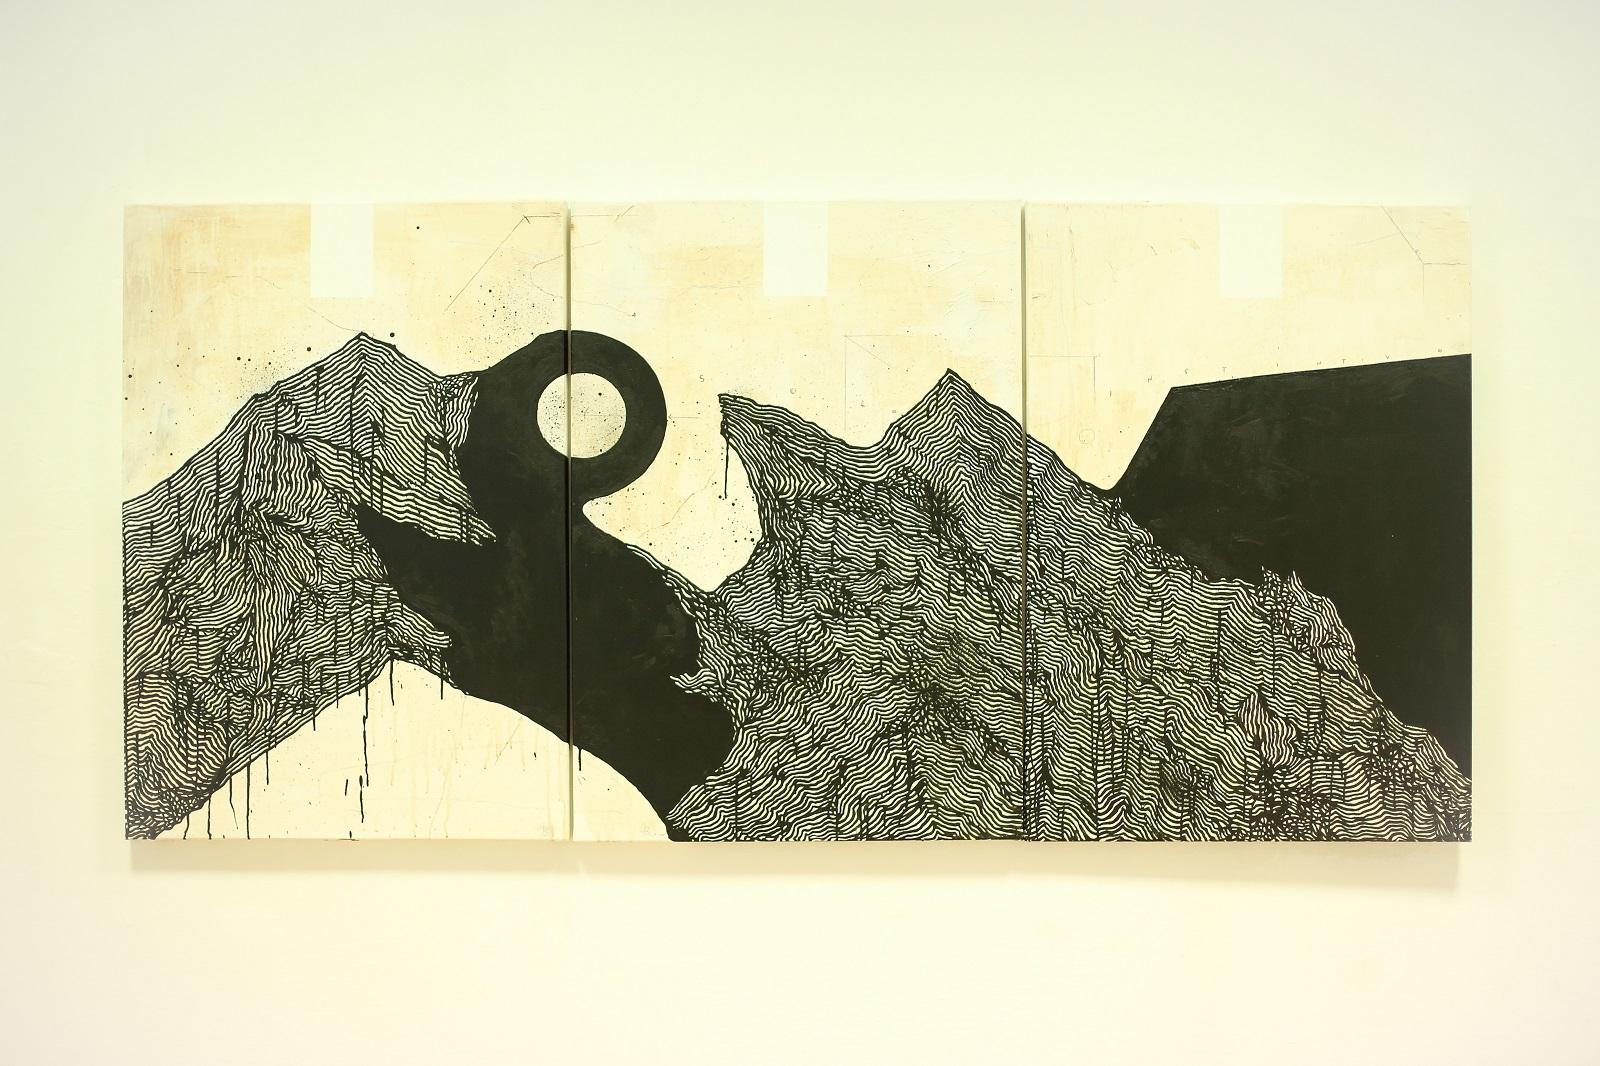 108-la-forma-e-lignoto-at-ego-gallery-recap-08